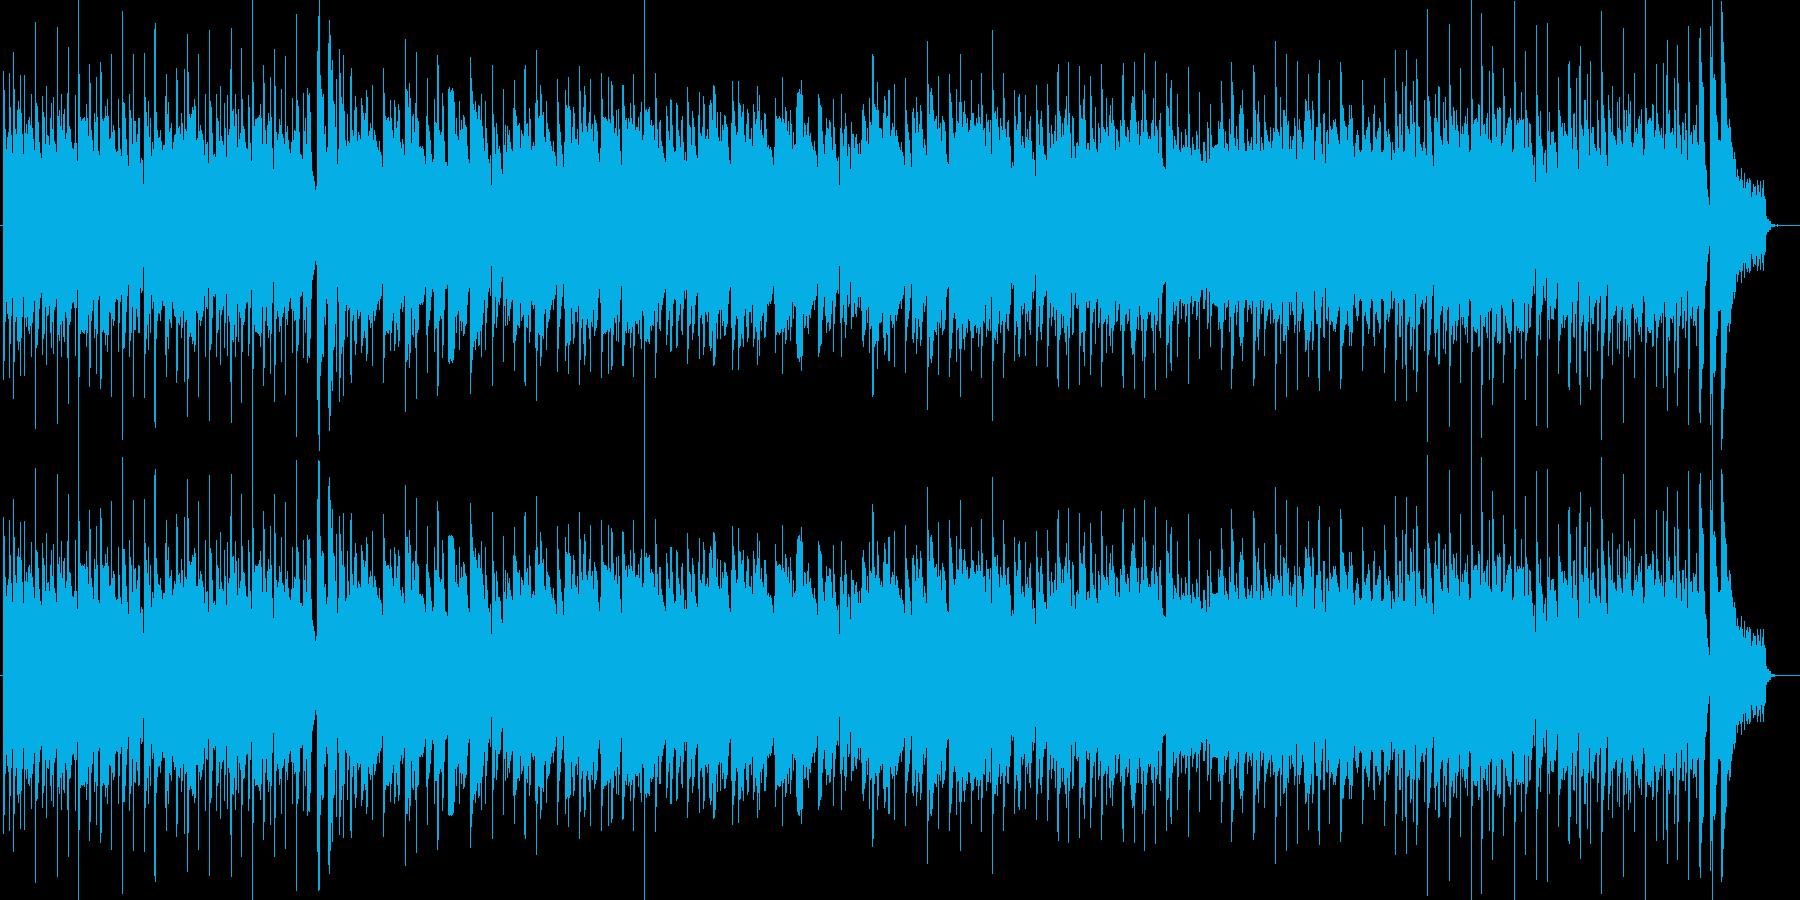 ほのぼのまったりした曲の再生済みの波形